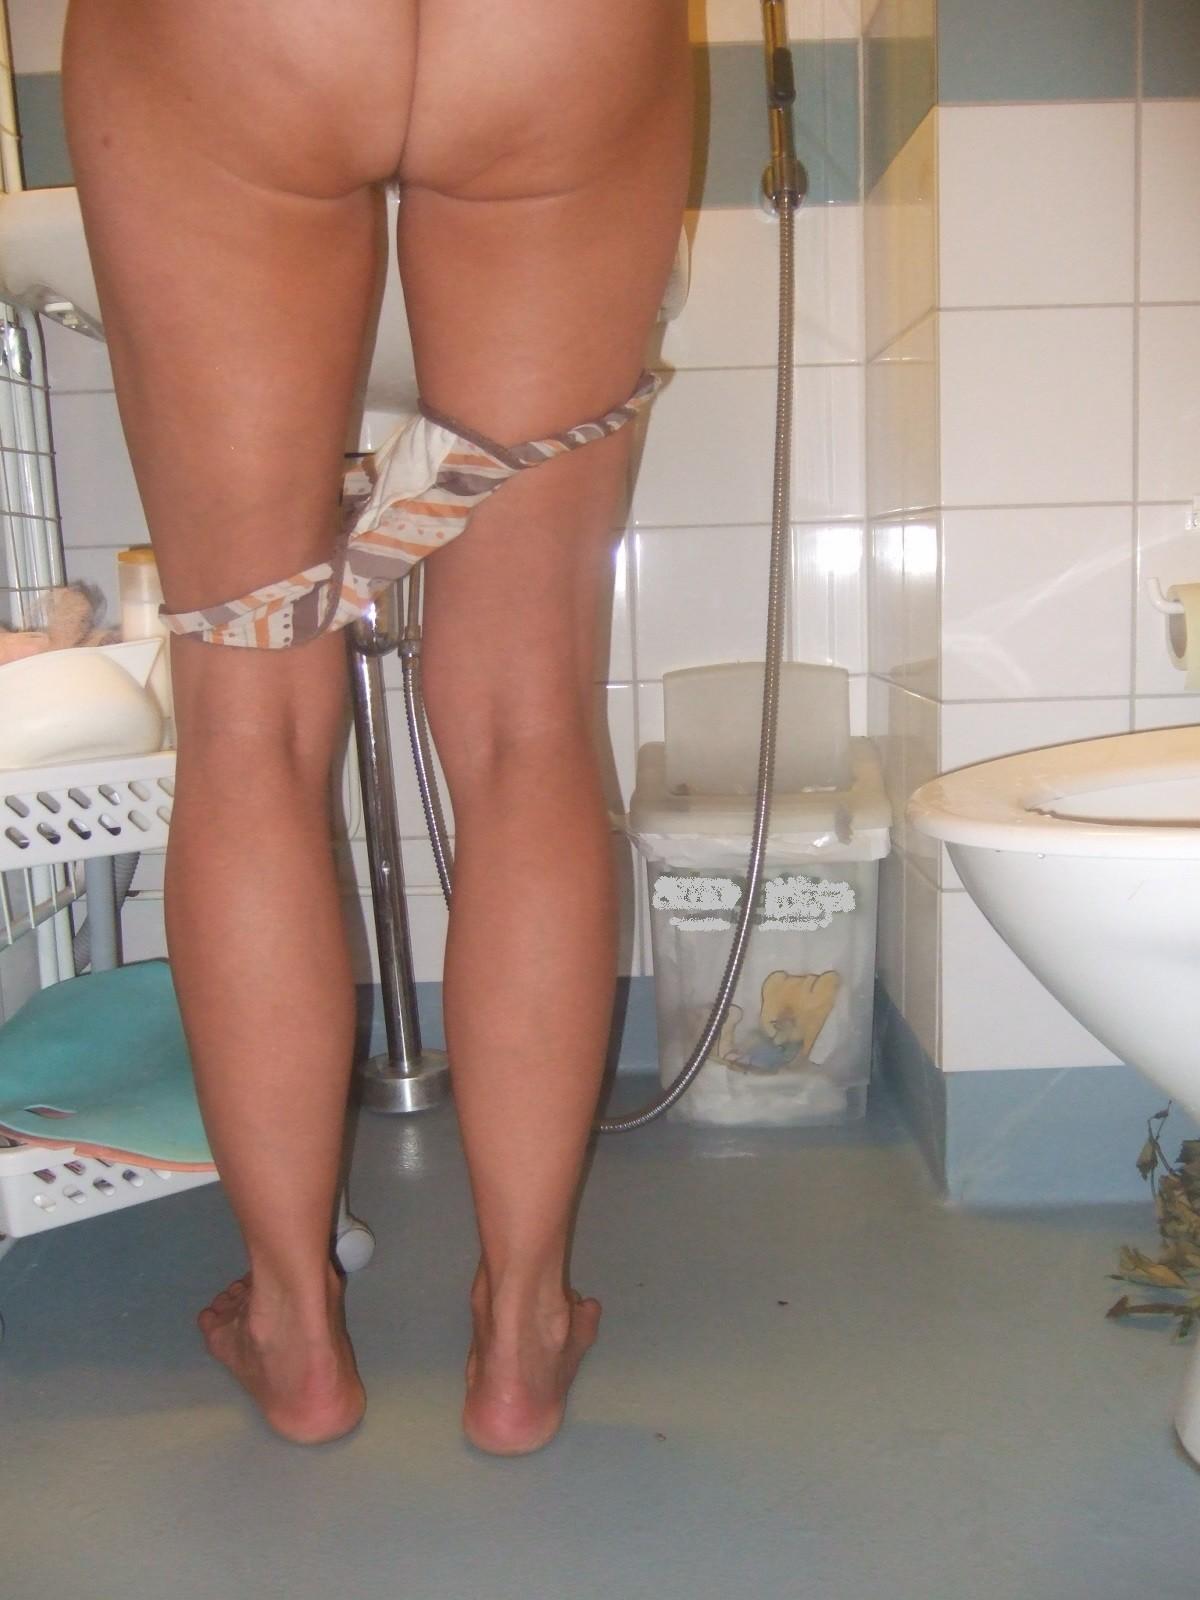 Некоторым понравятся частные изображения особы женского пола, которая не стесняется своих прелестей